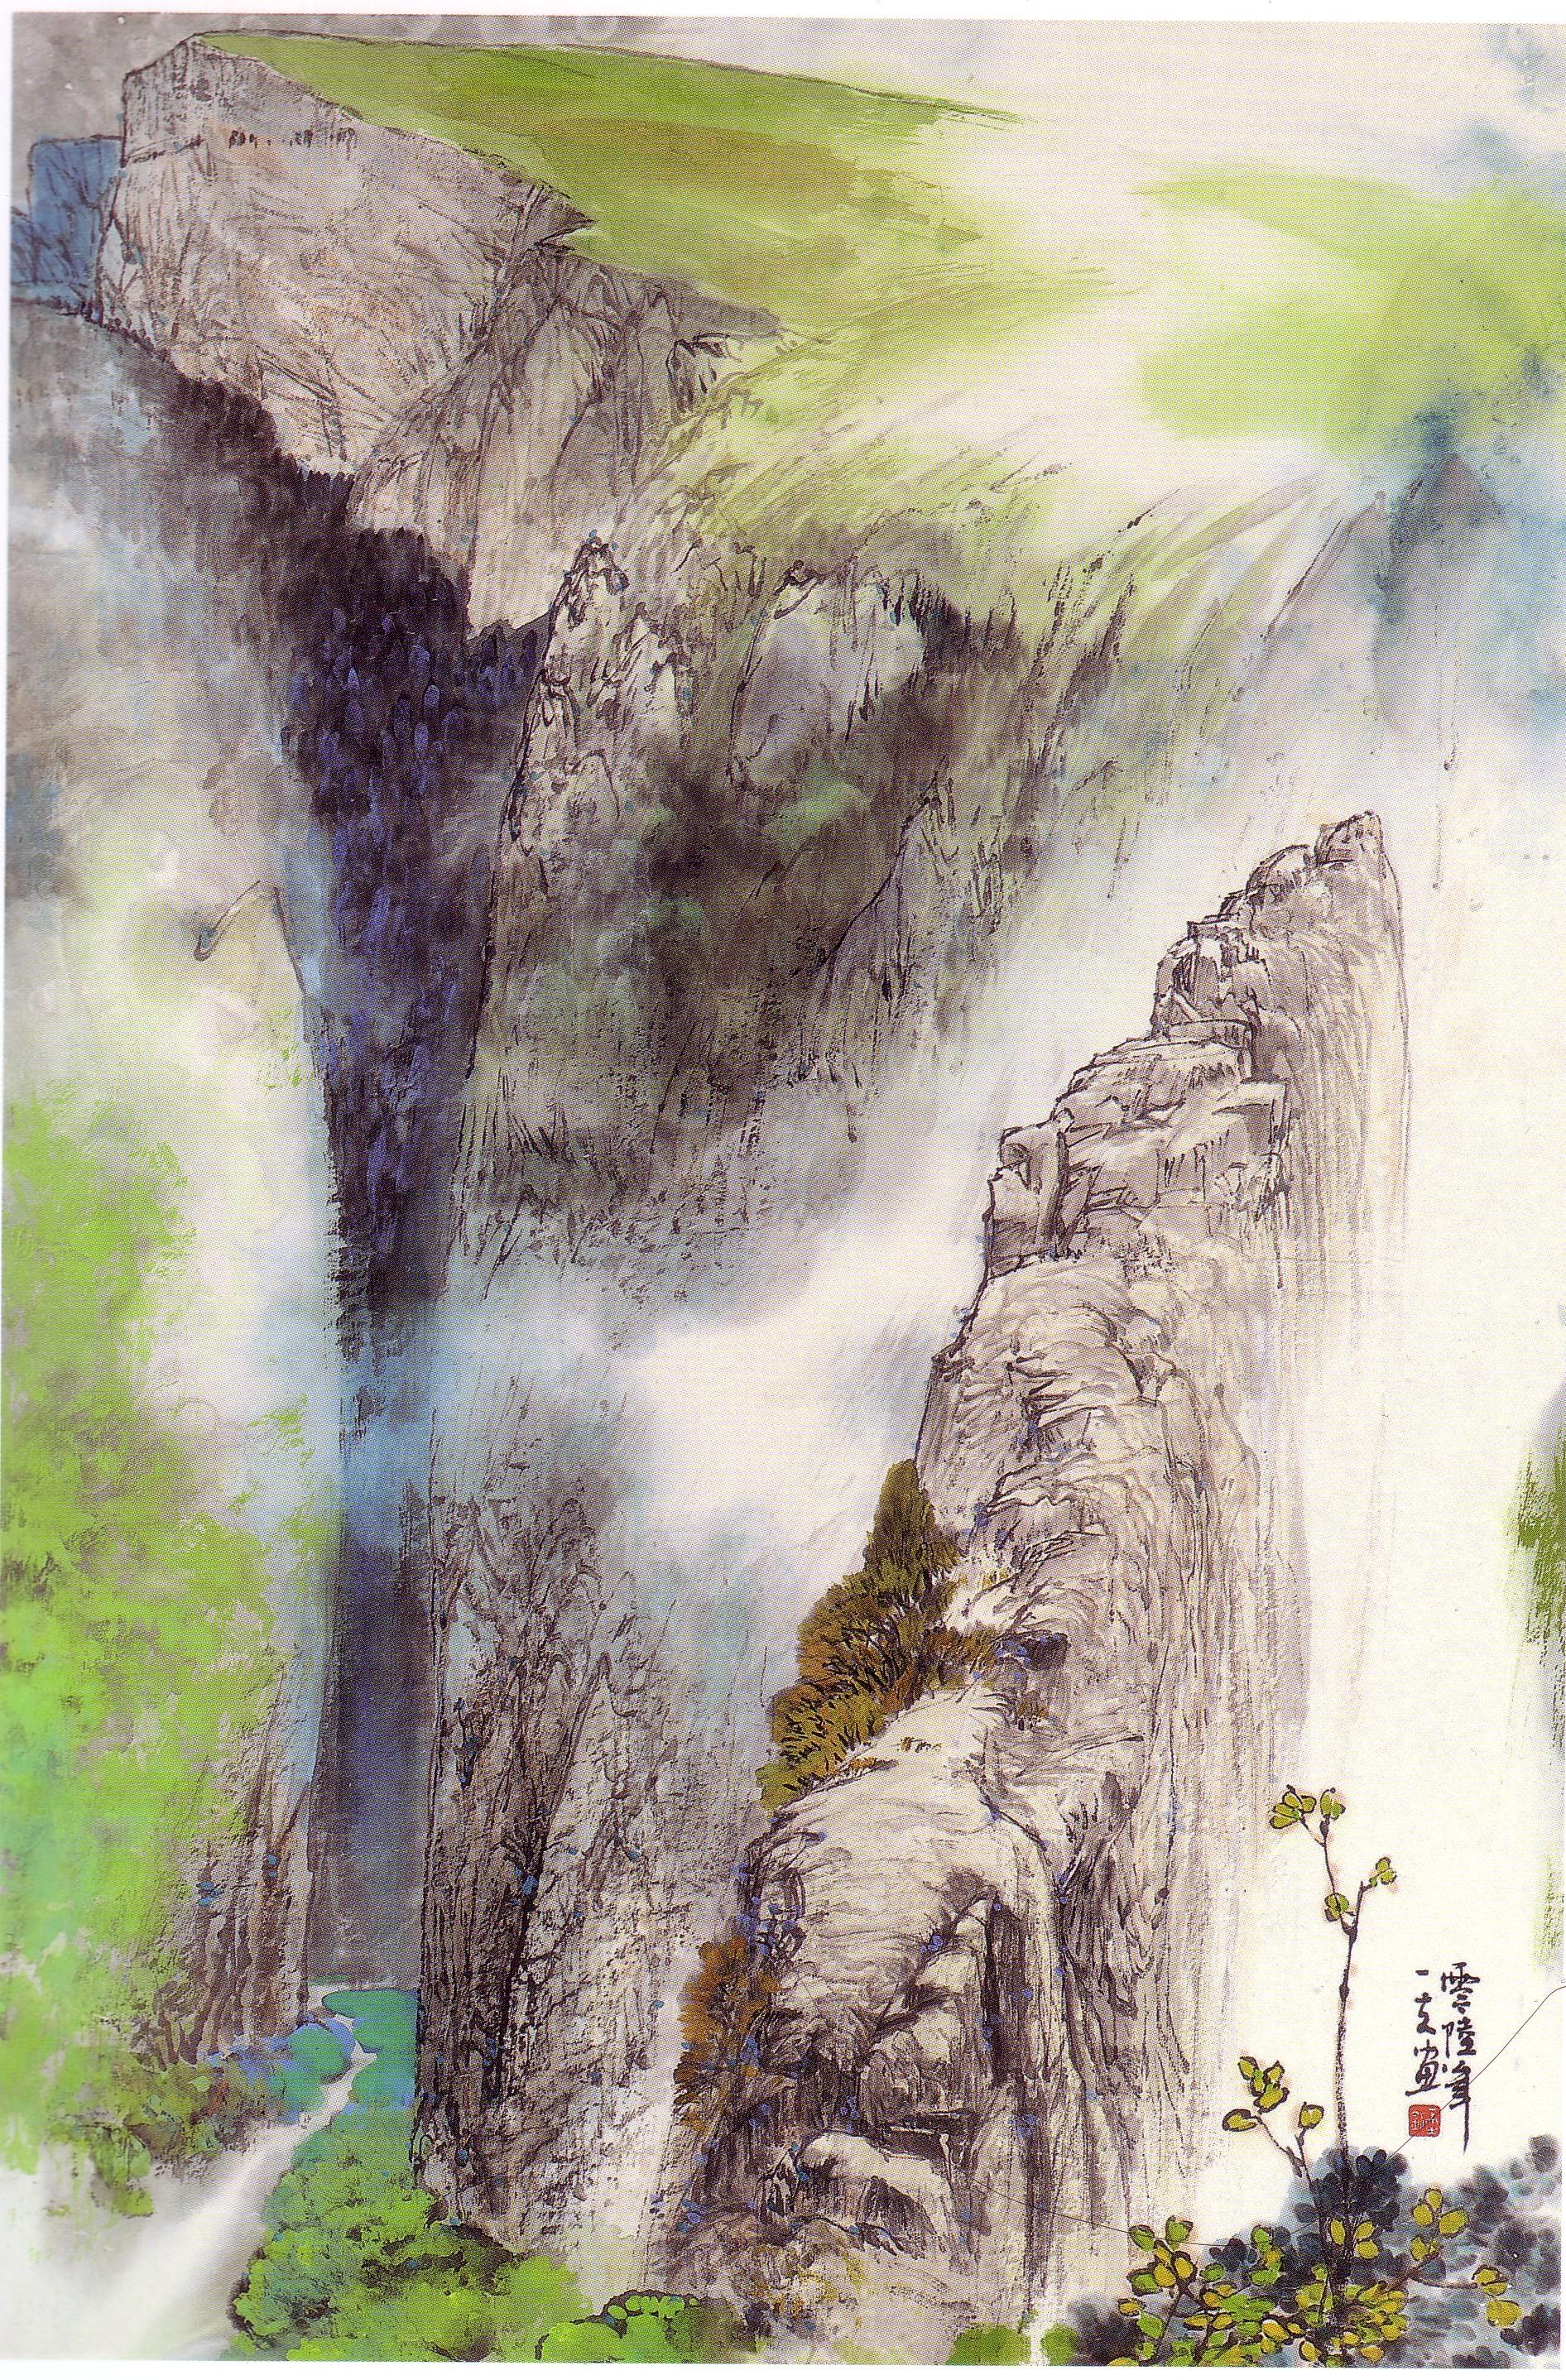 284-he-yifu-1.jpg (1892×2876)